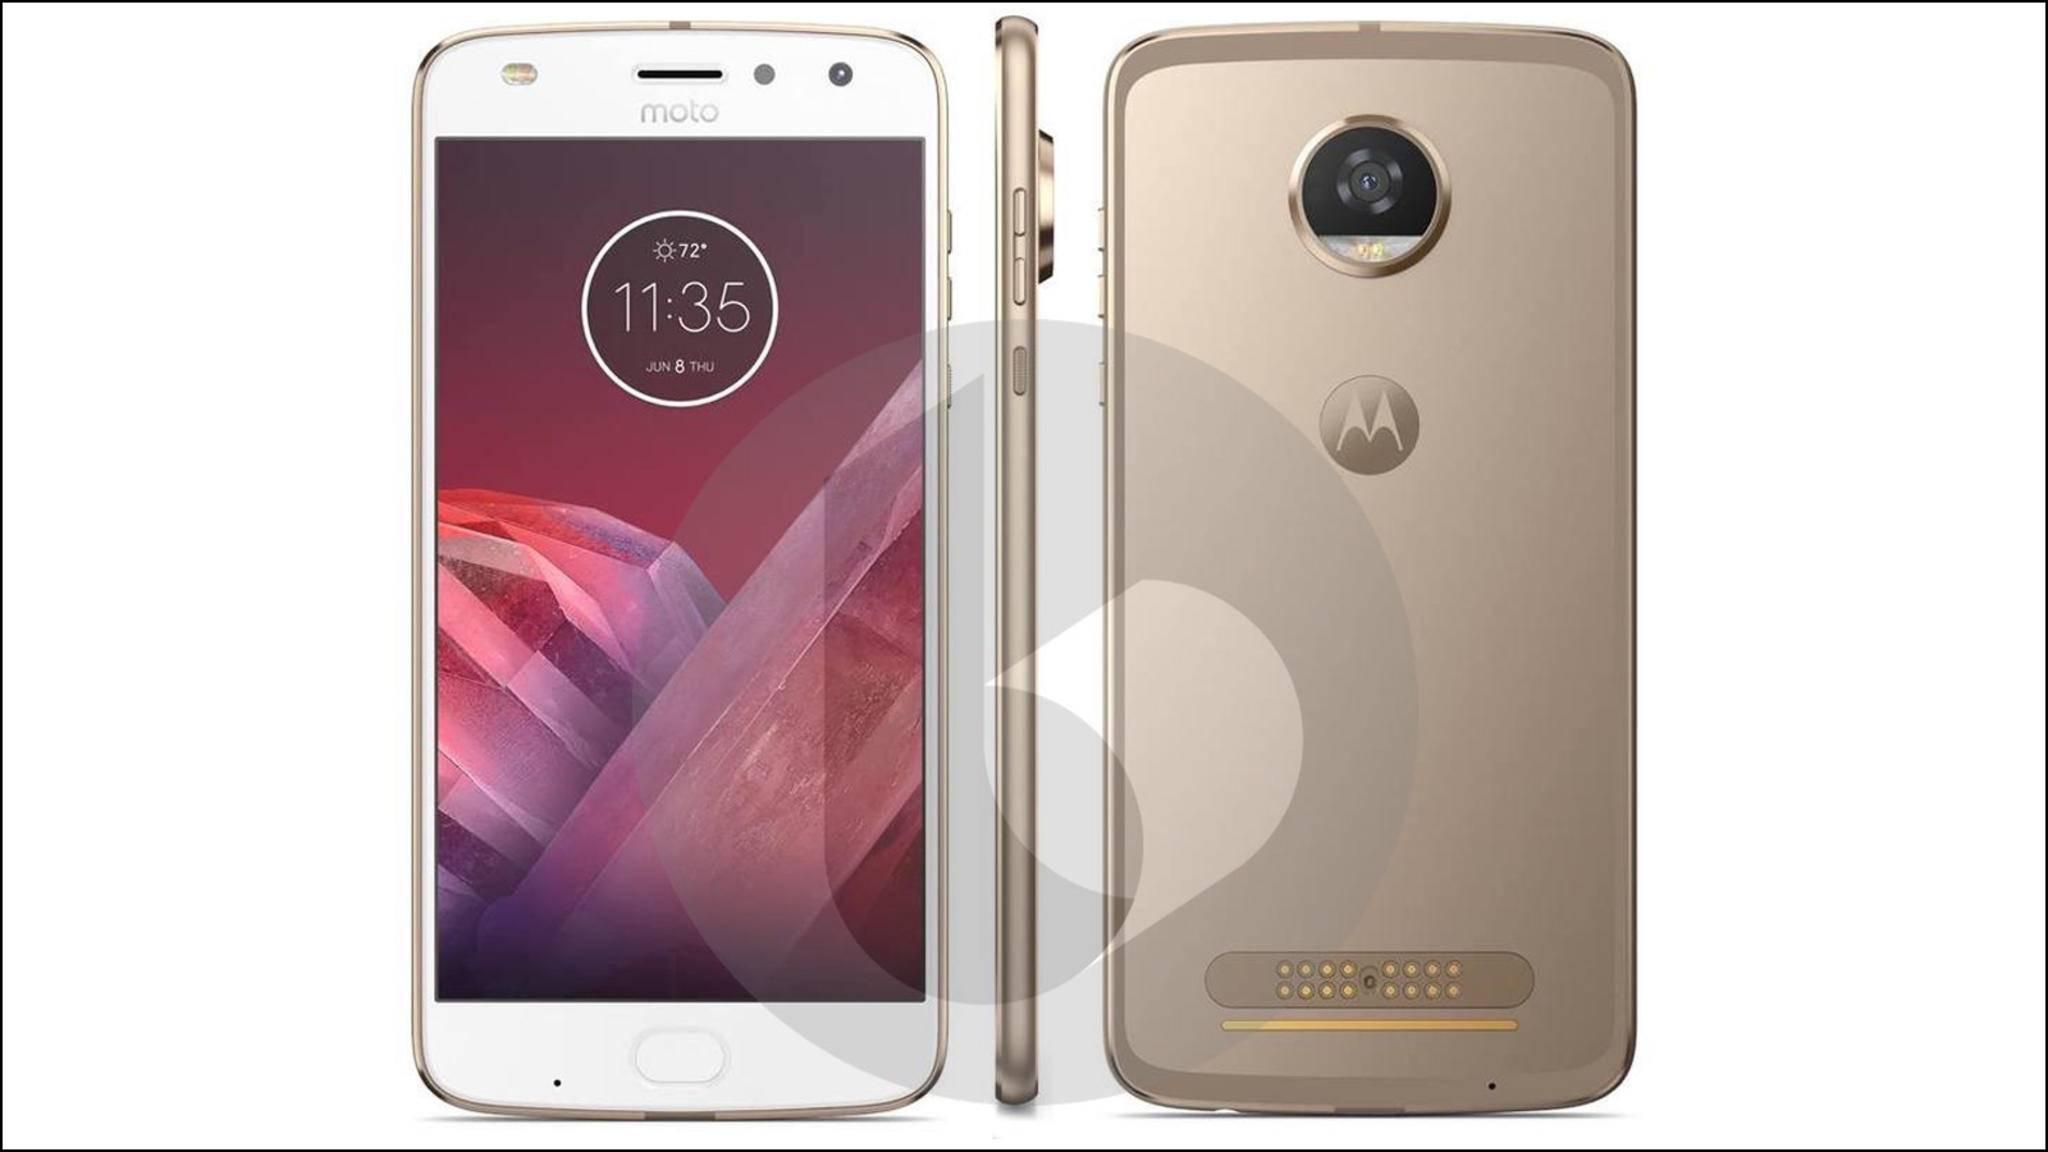 Ein schlankes Smartphone hat auch Nachteile – im Falle des Moto Z2 Play soll der Akku kleiner ausfallen.